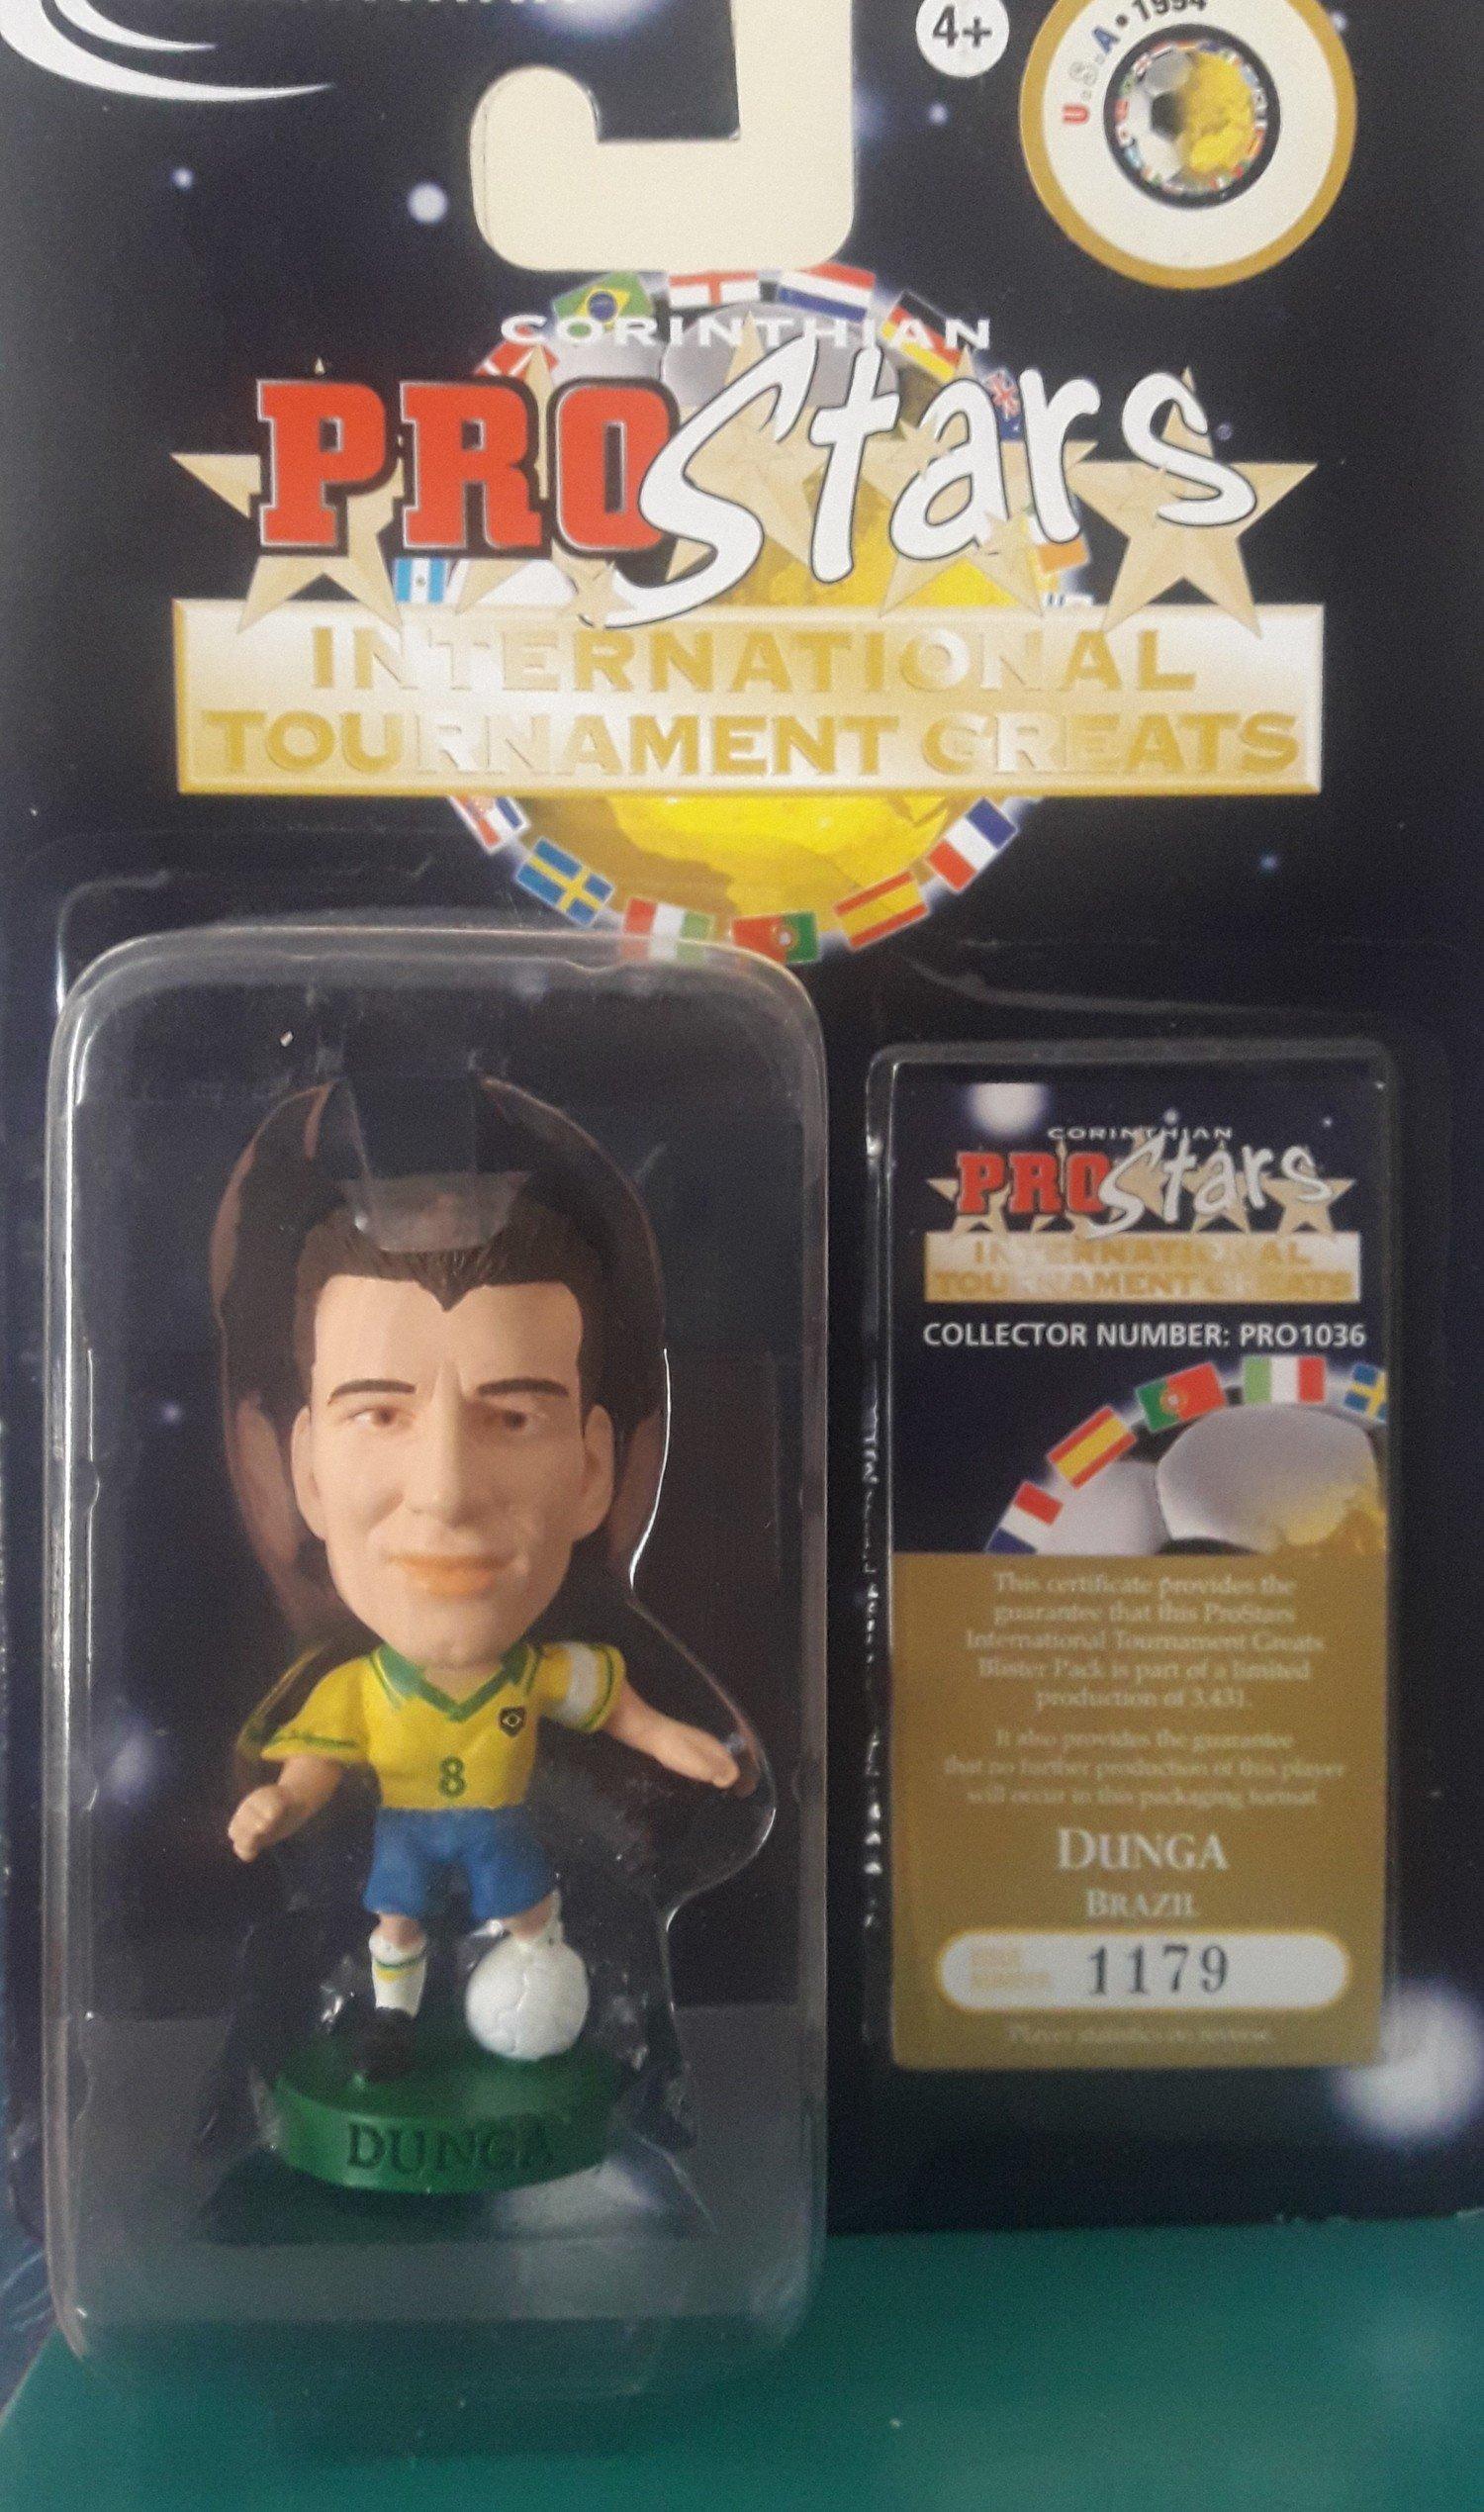 Minicraque Boneco Prostars Dunga seleção brasileira 1994